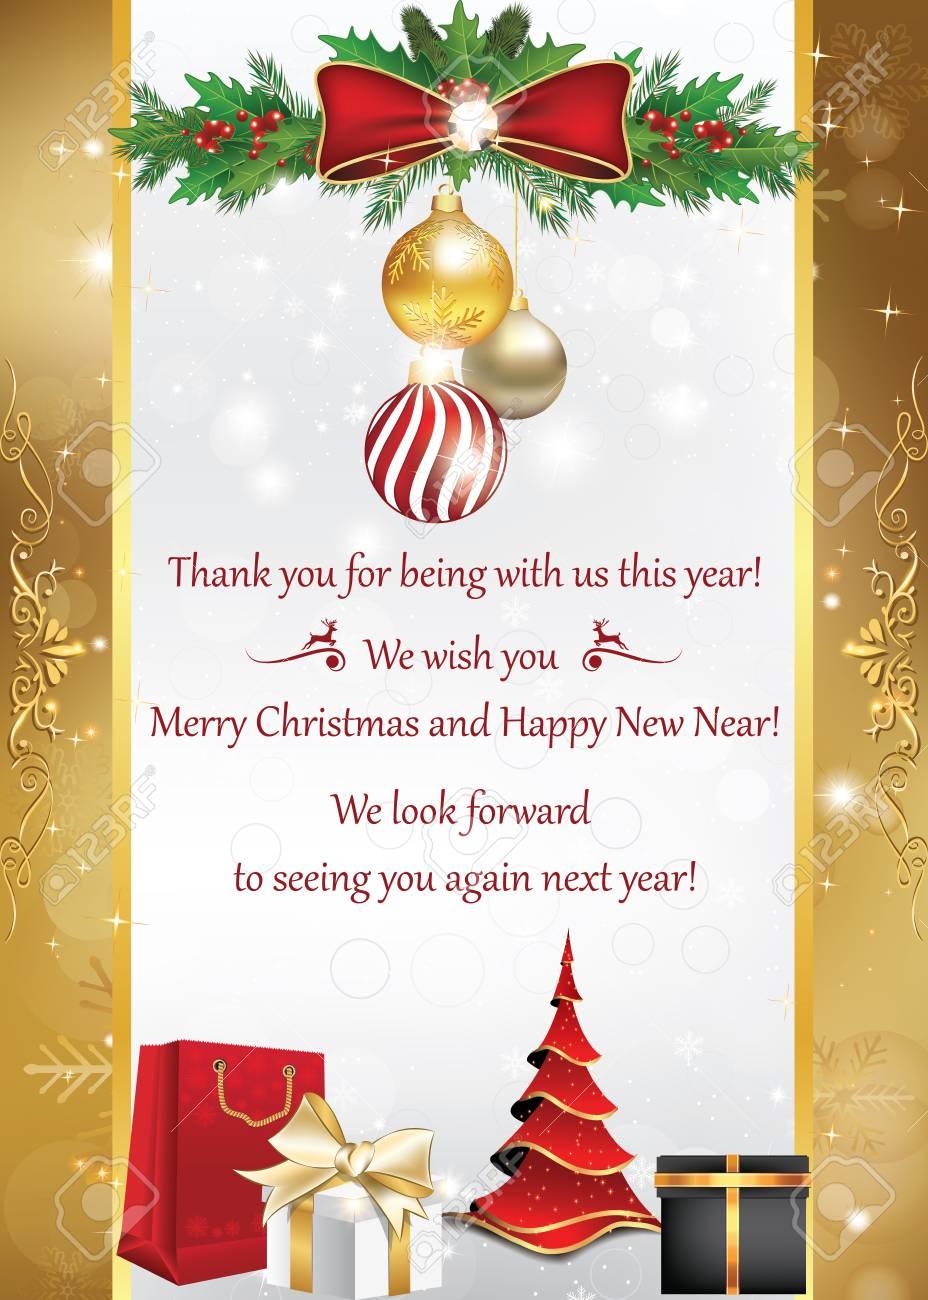 Carte De Visite Pour Les Vacances Dhiver Merci Dtre Avec Nous Cette Anne Joyeux Nol Et Bonne Avons Hte Vous Revoir Lanne Prochaine